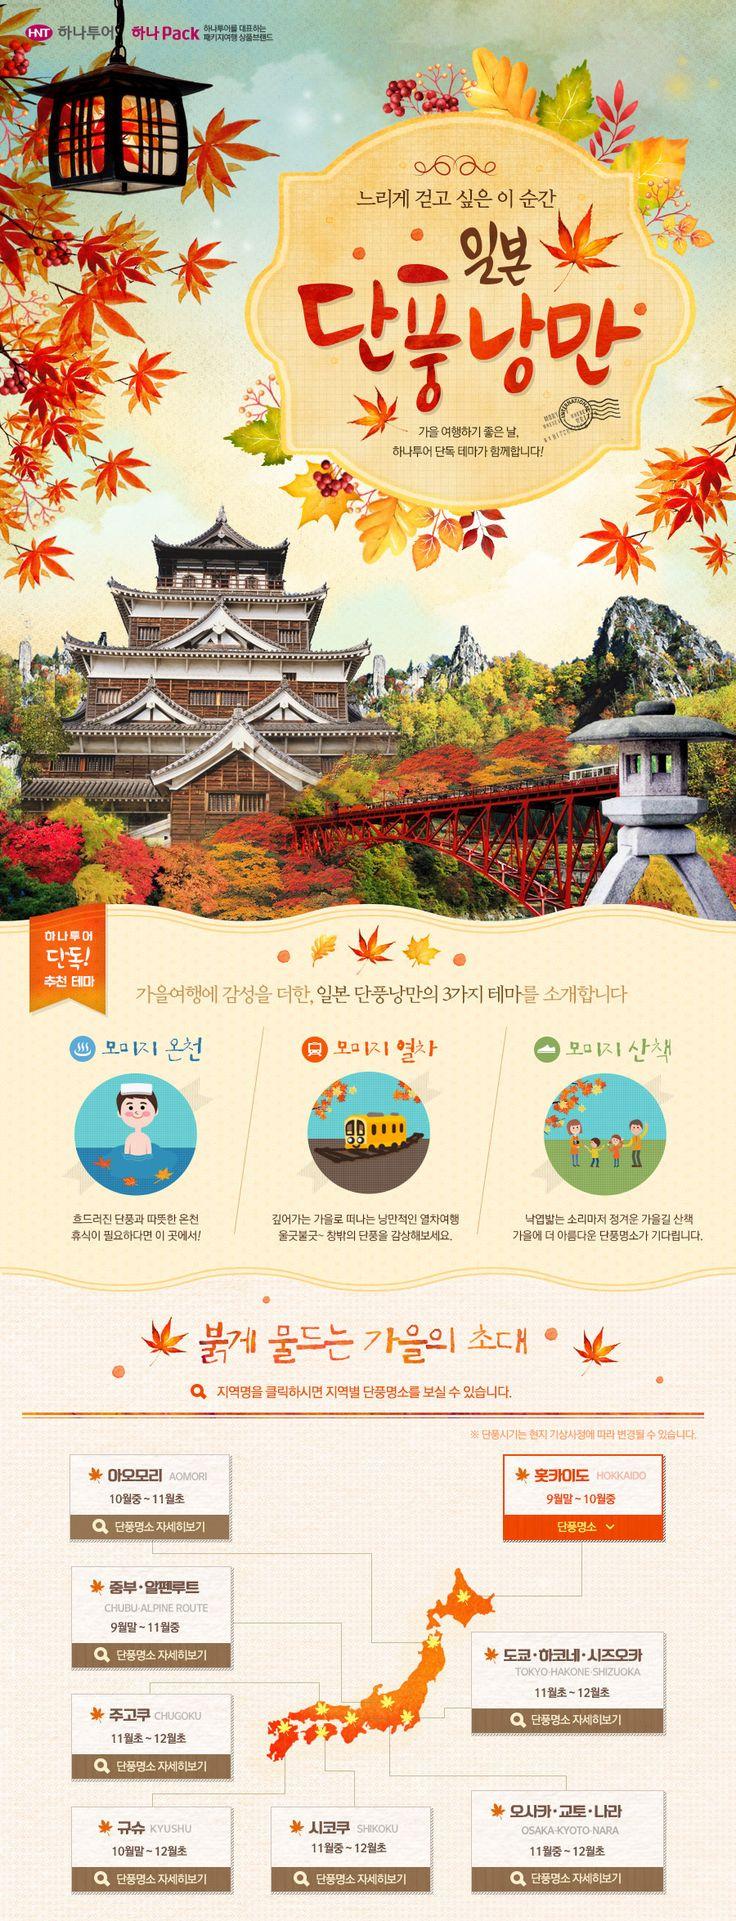 하나투어 가을 일본 여행 기획전